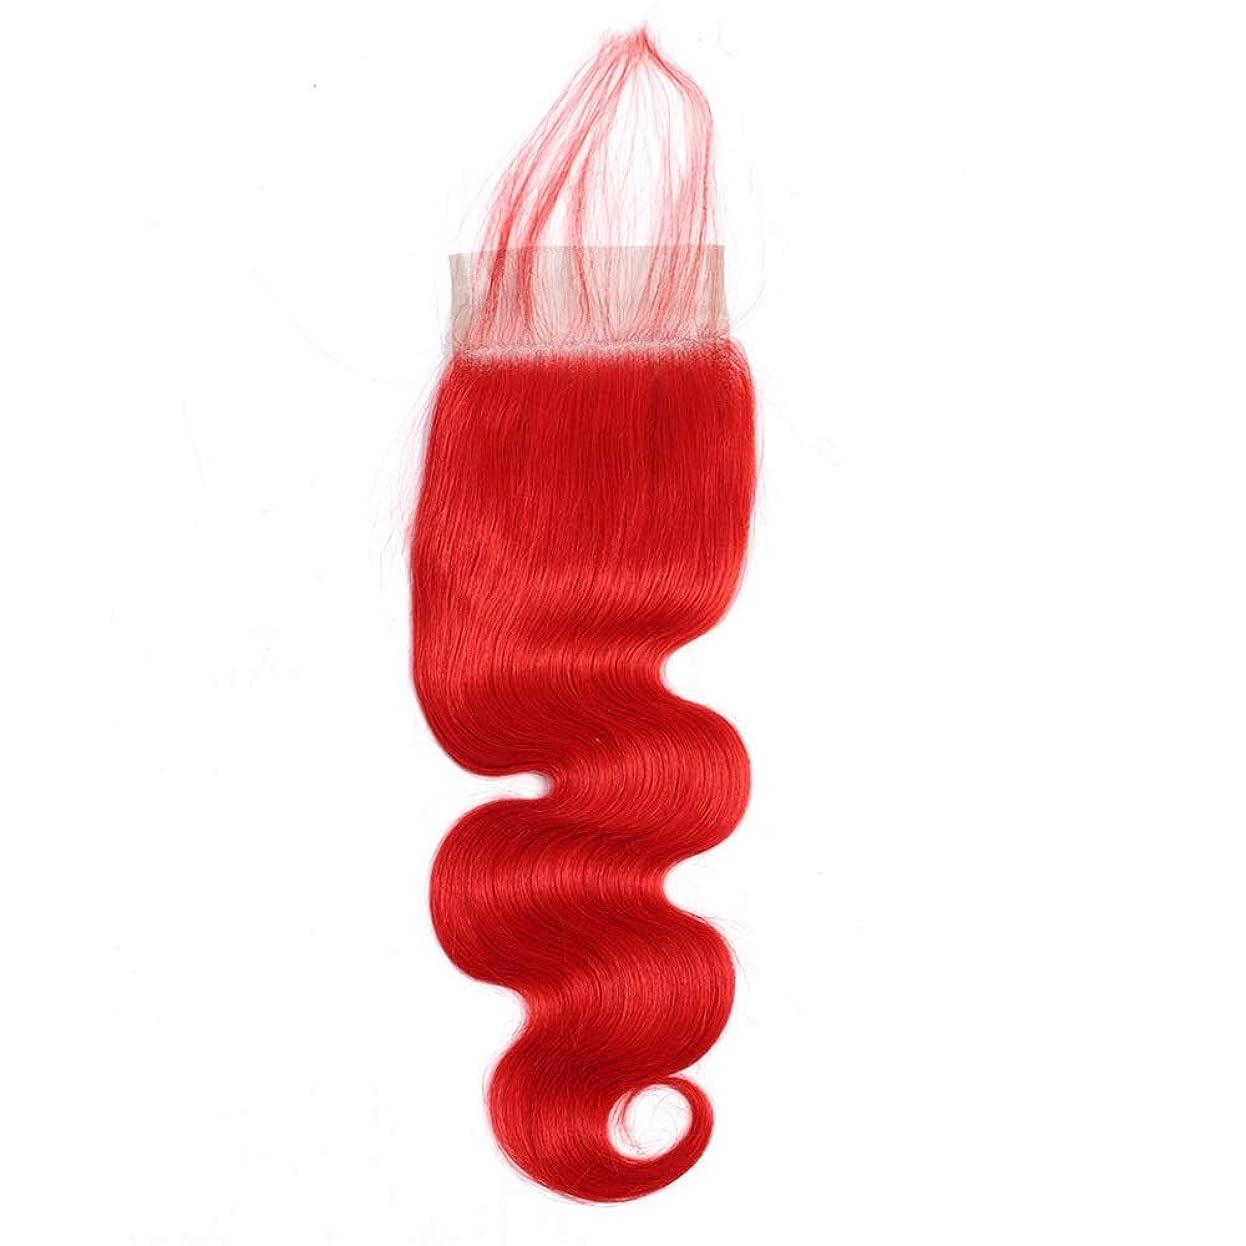 食料品店まばたきファンネルウェブスパイダーBOBIDYEE 4×4インチ実体波レース閉鎖ブラジルバージン人間の毛髪延長赤10インチ-16インチファッションかつら (色 : レッド, サイズ : 16 inch)